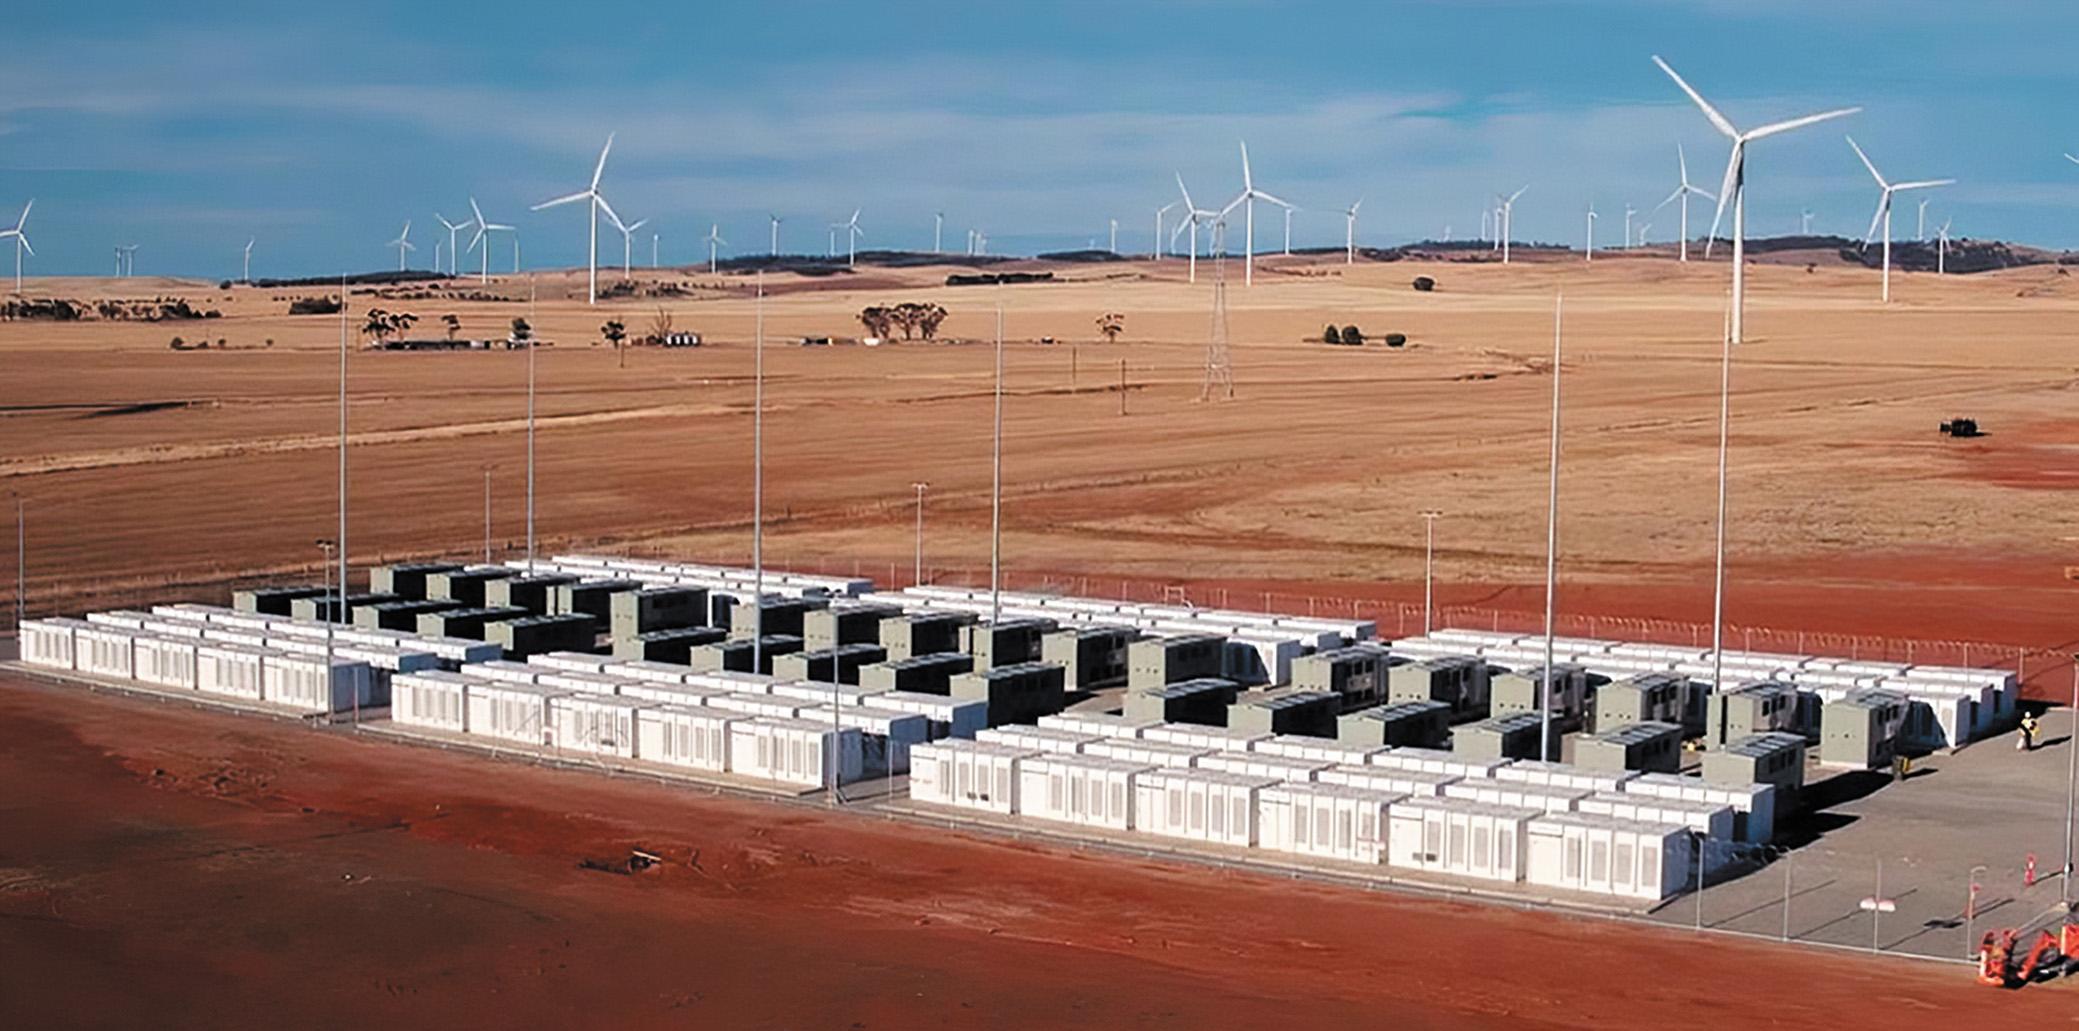 Новая система от Tesla — часть предпринимаемых усилий по решению проблем энергоснабжения в Южной Австралии, жители которой сильно страдают от постоянных скачков напряжения и отключений электросети